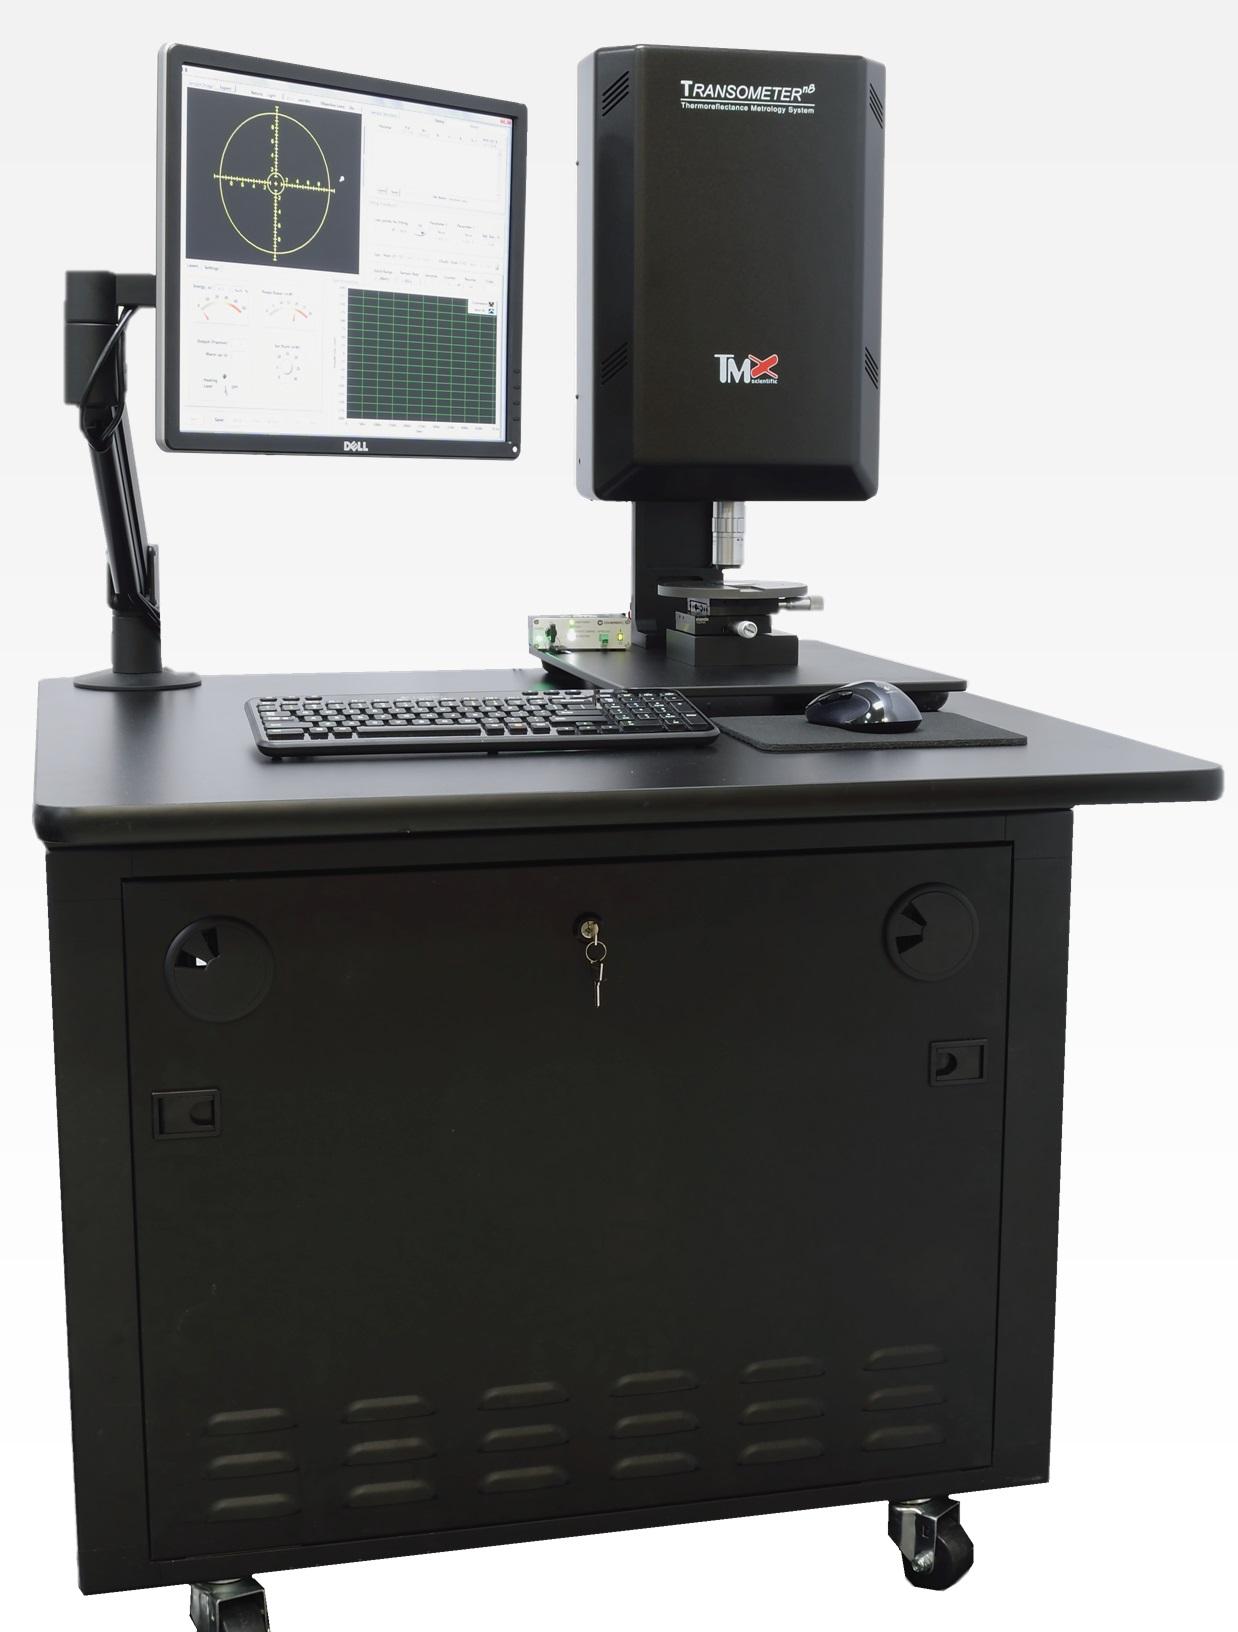 Transometer N8 - Full System